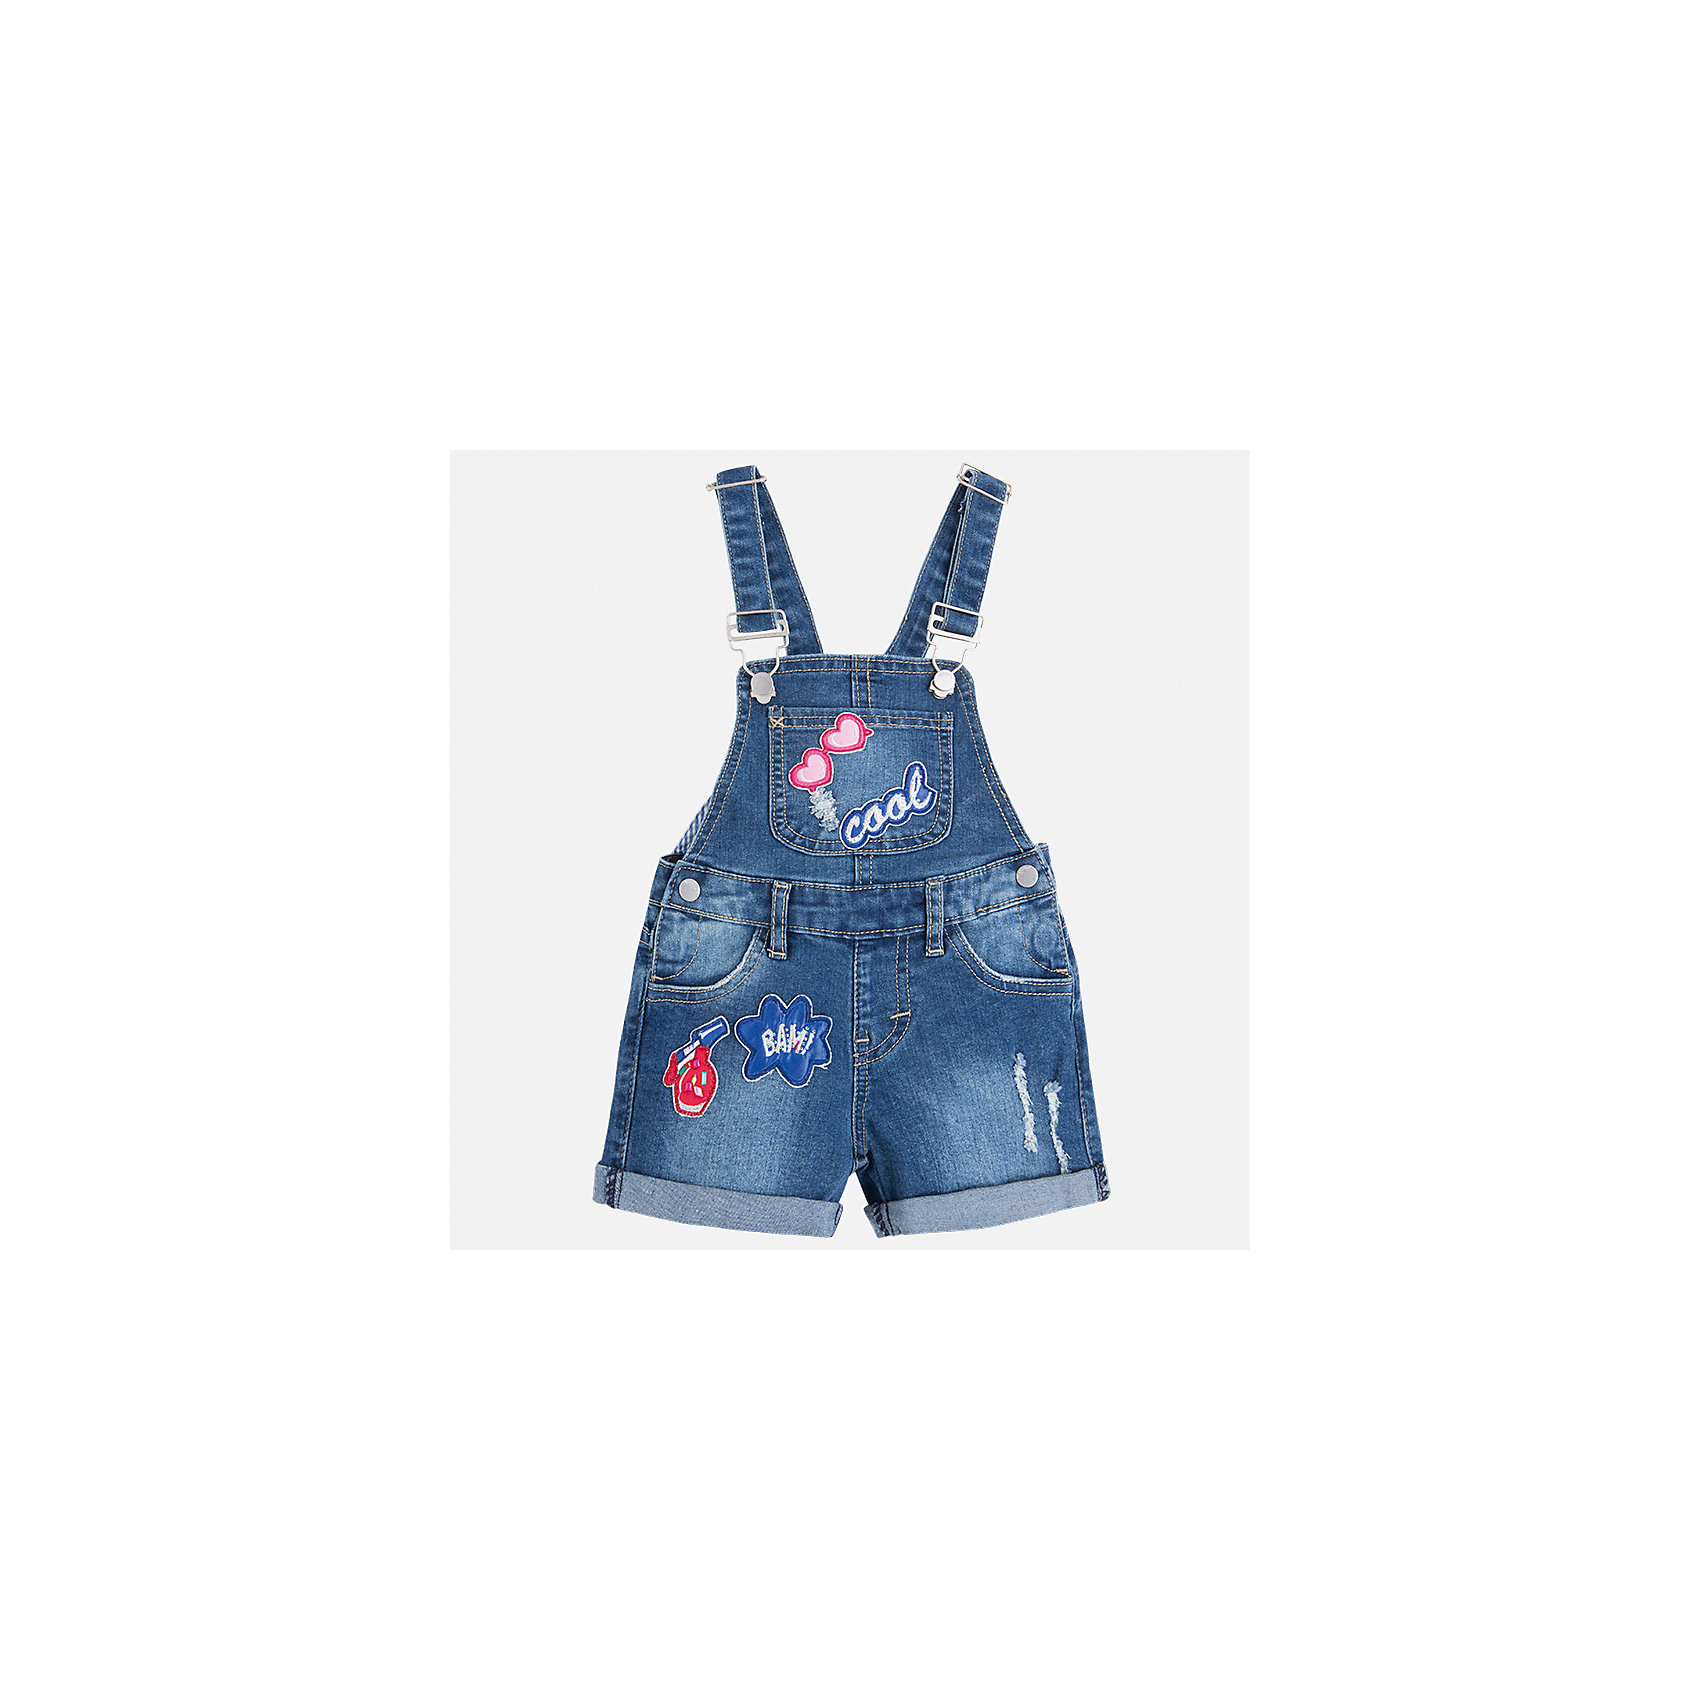 Комбинезон джинсовый для девочки MayoralКомбинезоны<br>Характеристики товара:<br><br>• цвет: синий<br>• состав: верх - 69% хлопок, 29% полиэстер, 2% эластан; подкладка - 93% полиэстер, 7% эластан<br>• шлевки<br>• карманы<br>• лямки с регулировкой объема<br>• декорирован вышивкой<br>• страна бренда: Испания<br><br>Стильный джинсовый комбинезон для девочки поможет разнообразить гардероб ребенка и украсить наряд. Он отлично сочетается с майками, футболками, блузками и т.д. Универсальный цвет позволяет подобрать к вещи верх разных расцветок. Интересная отделка модели делает её нарядной и оригинальной. В составе материала - натуральный хлопок, гипоаллергенный, приятный на ощупь, дышащий.<br><br>Одежда, обувь и аксессуары от испанского бренда Mayoral полюбились детям и взрослым по всему миру. Модели этой марки - стильные и удобные. Для их производства используются только безопасные, качественные материалы и фурнитура. Порадуйте ребенка модными и красивыми вещами от Mayoral! <br><br>Комбинезон для девочки от испанского бренда Mayoral (Майорал) можно купить в нашем интернет-магазине.<br><br>Ширина мм: 215<br>Глубина мм: 88<br>Высота мм: 191<br>Вес г: 336<br>Цвет: синий<br>Возраст от месяцев: 24<br>Возраст до месяцев: 36<br>Пол: Женский<br>Возраст: Детский<br>Размер: 98,134,92,104,110,116,122,128<br>SKU: 5290416